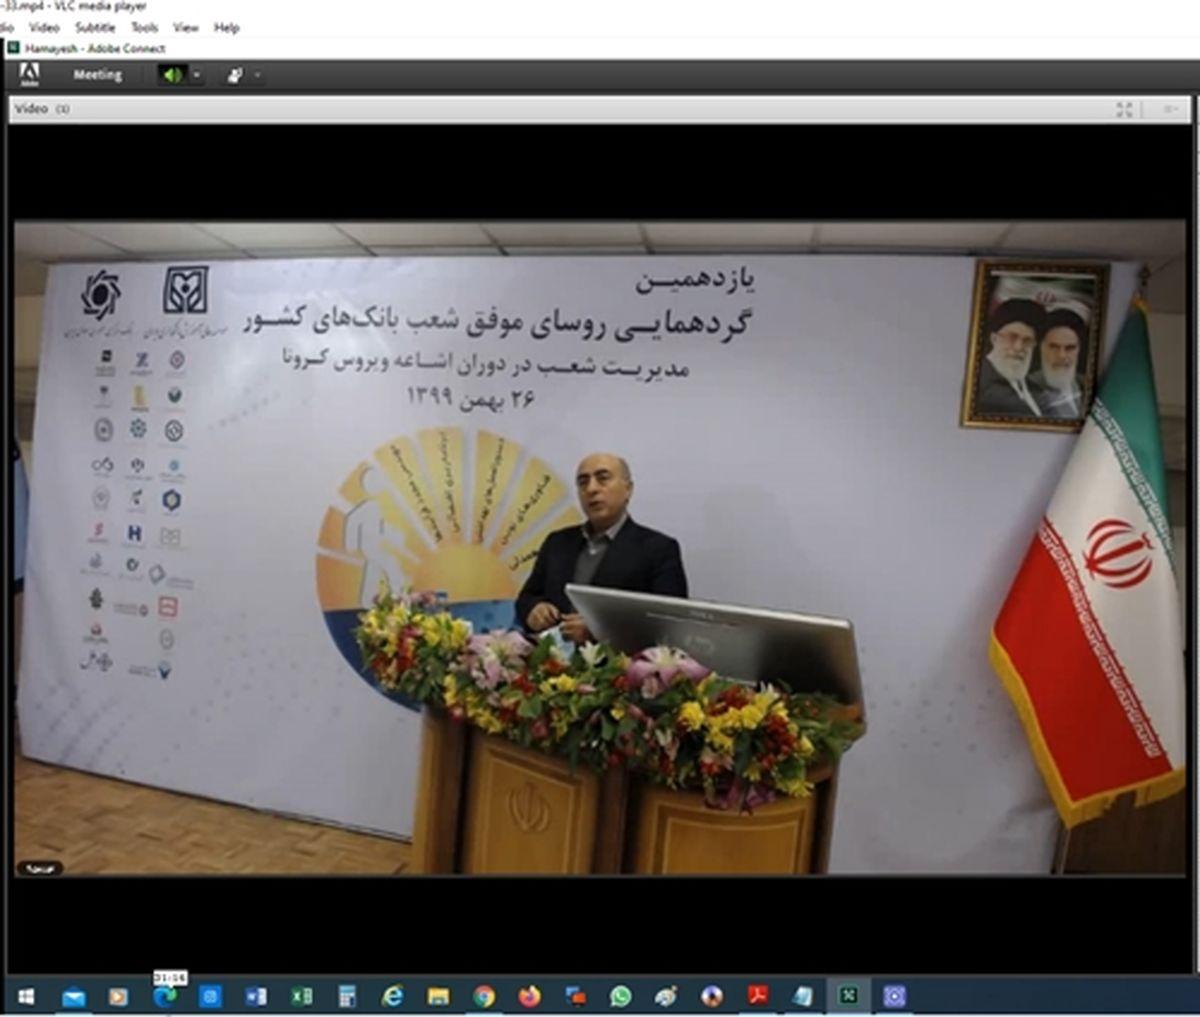 از 10 رییس شعبه موفق پست بانک ایران قدردانی شد